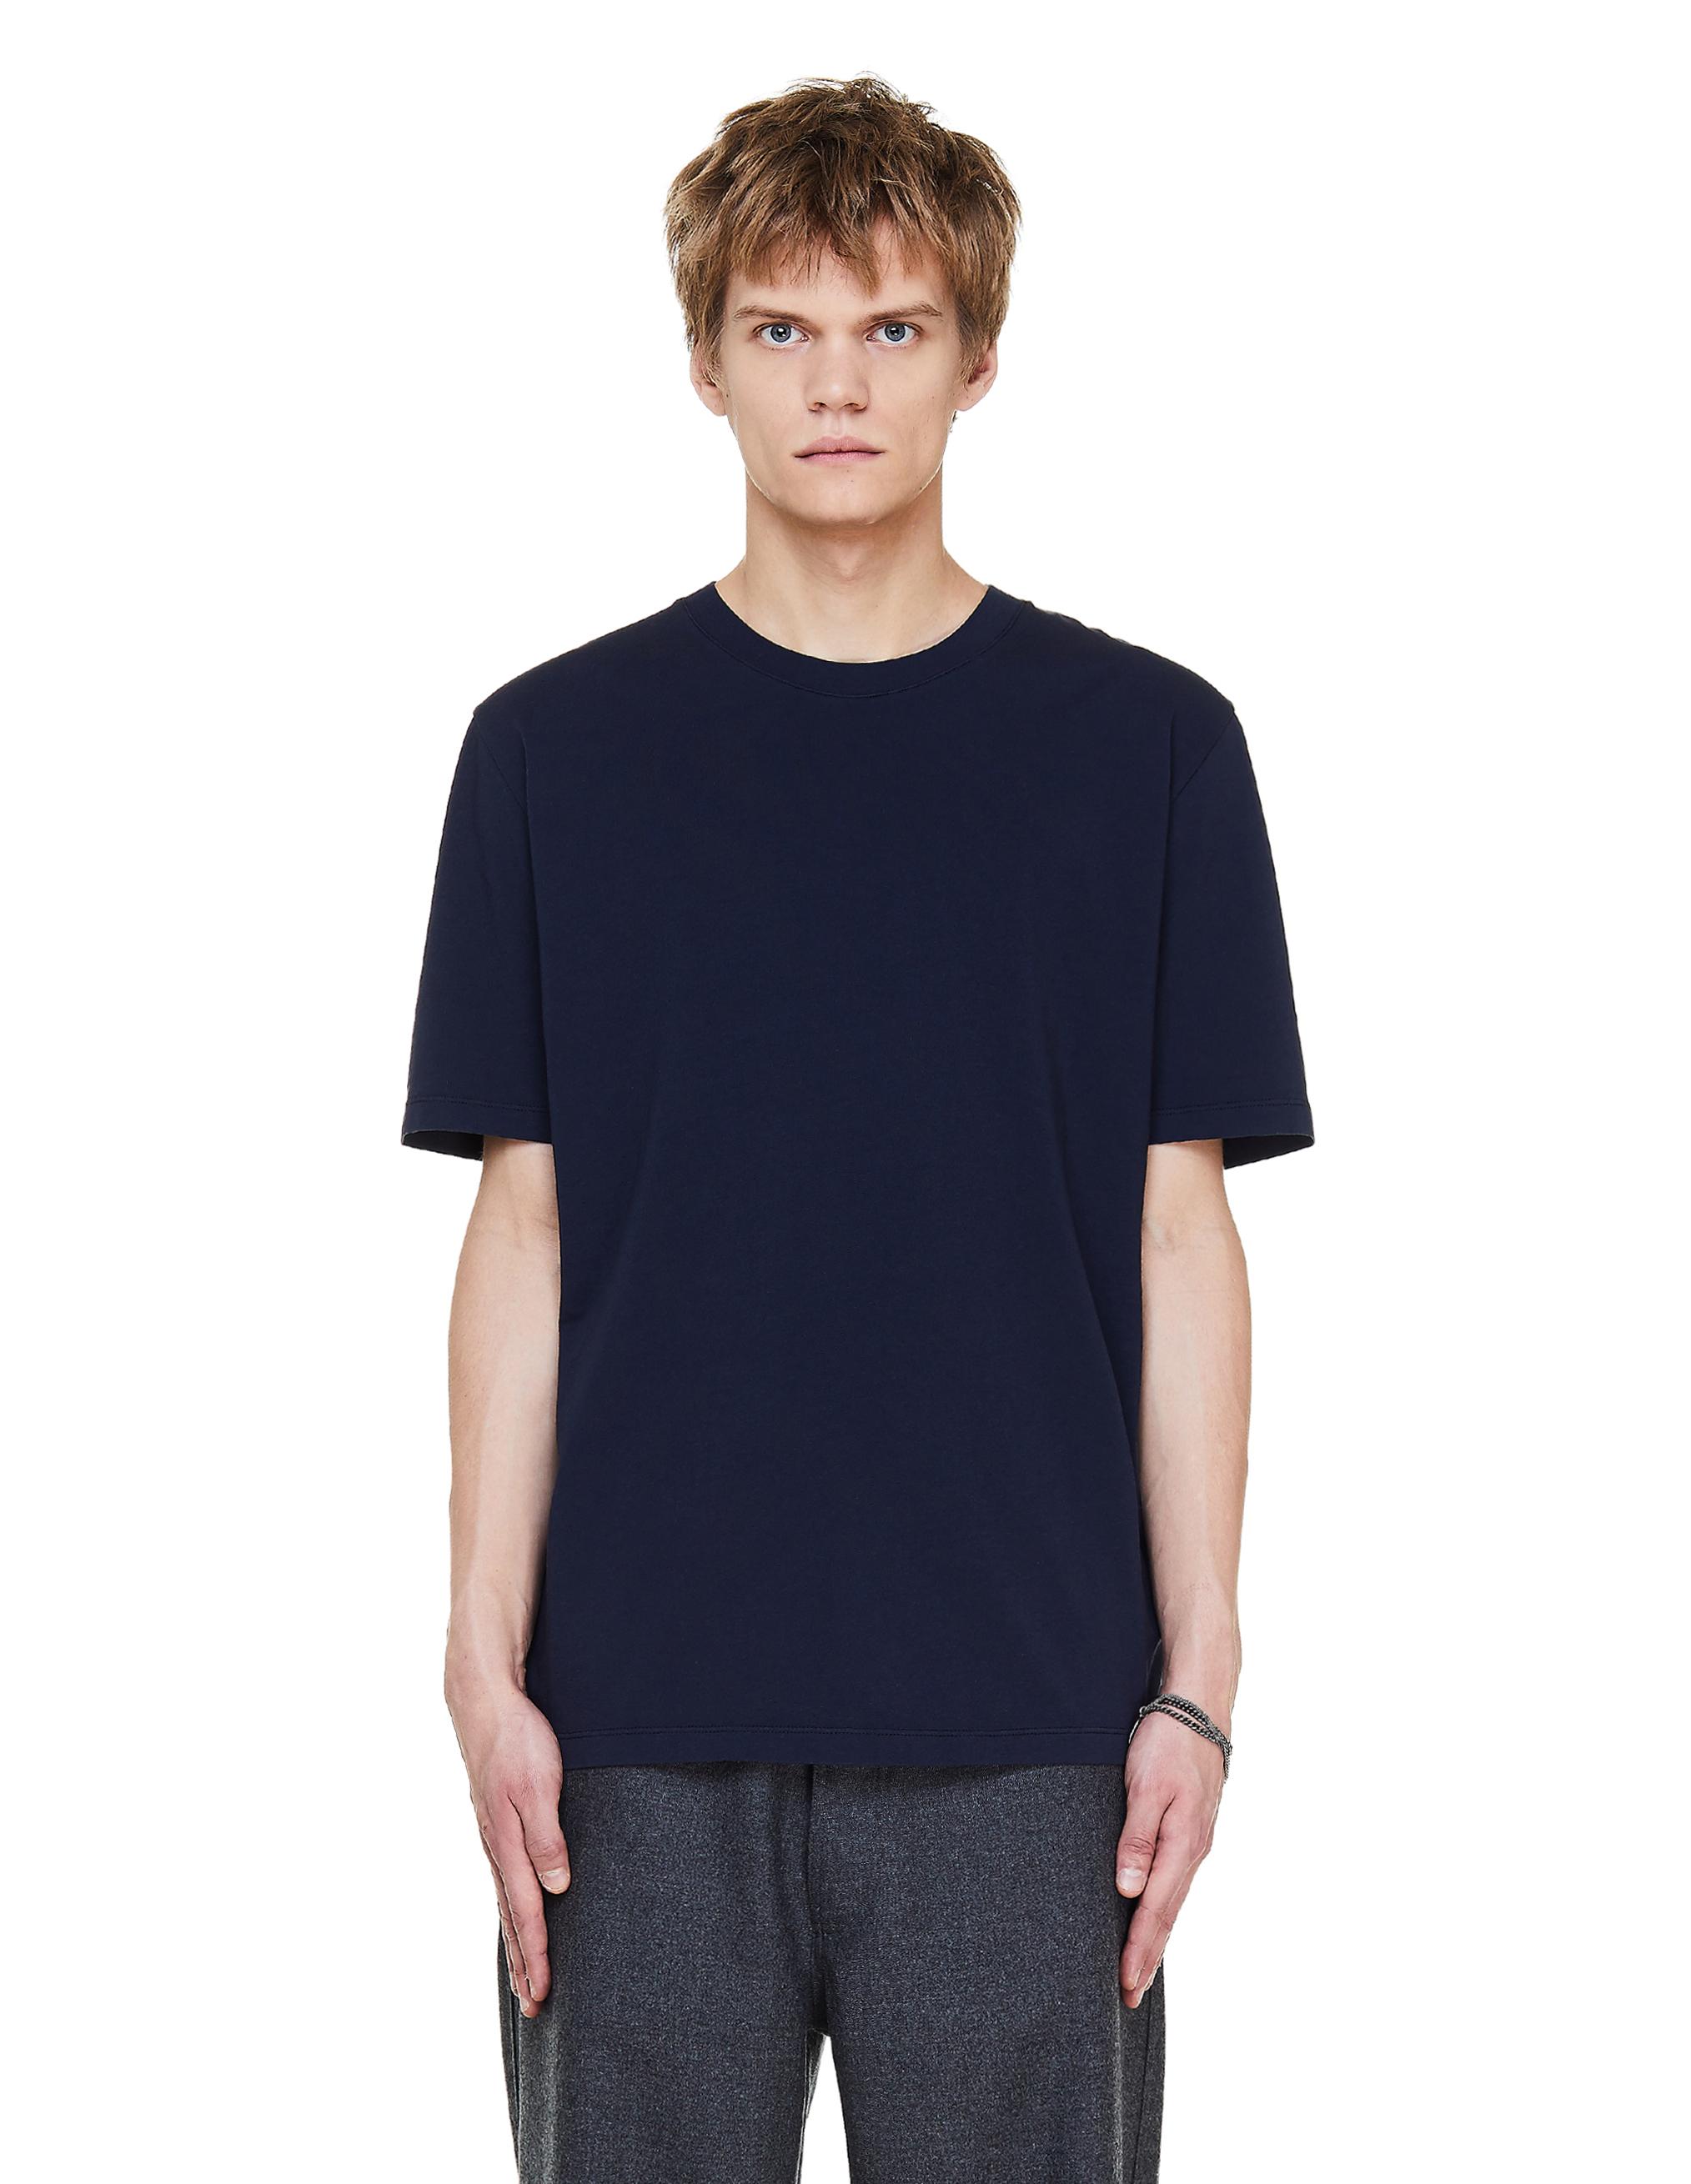 Maison Margiela Blue Cotton T-Shirt